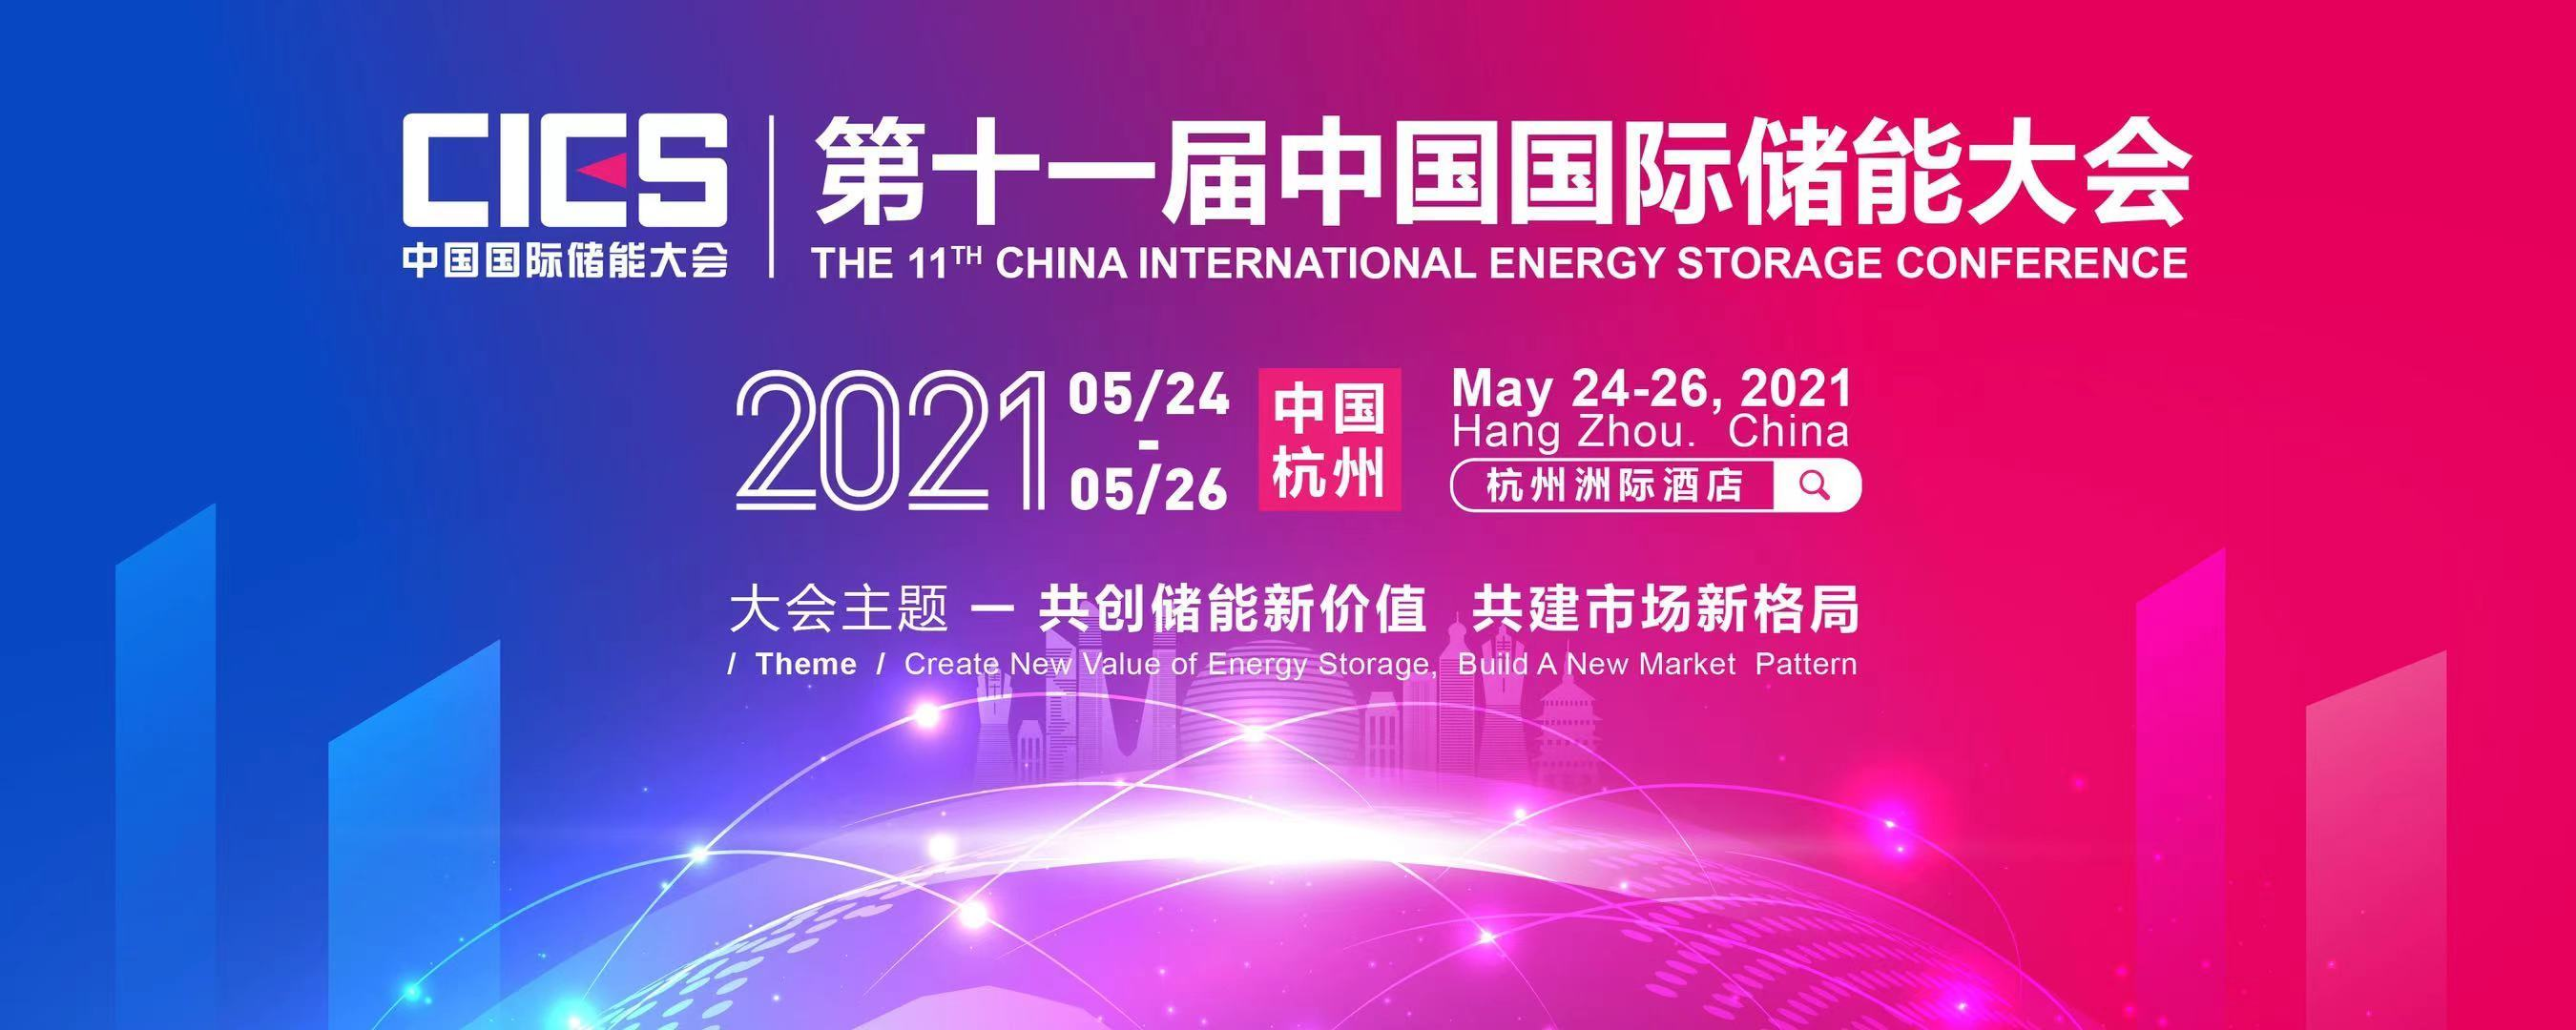 2021第十一届中国国际储能大会